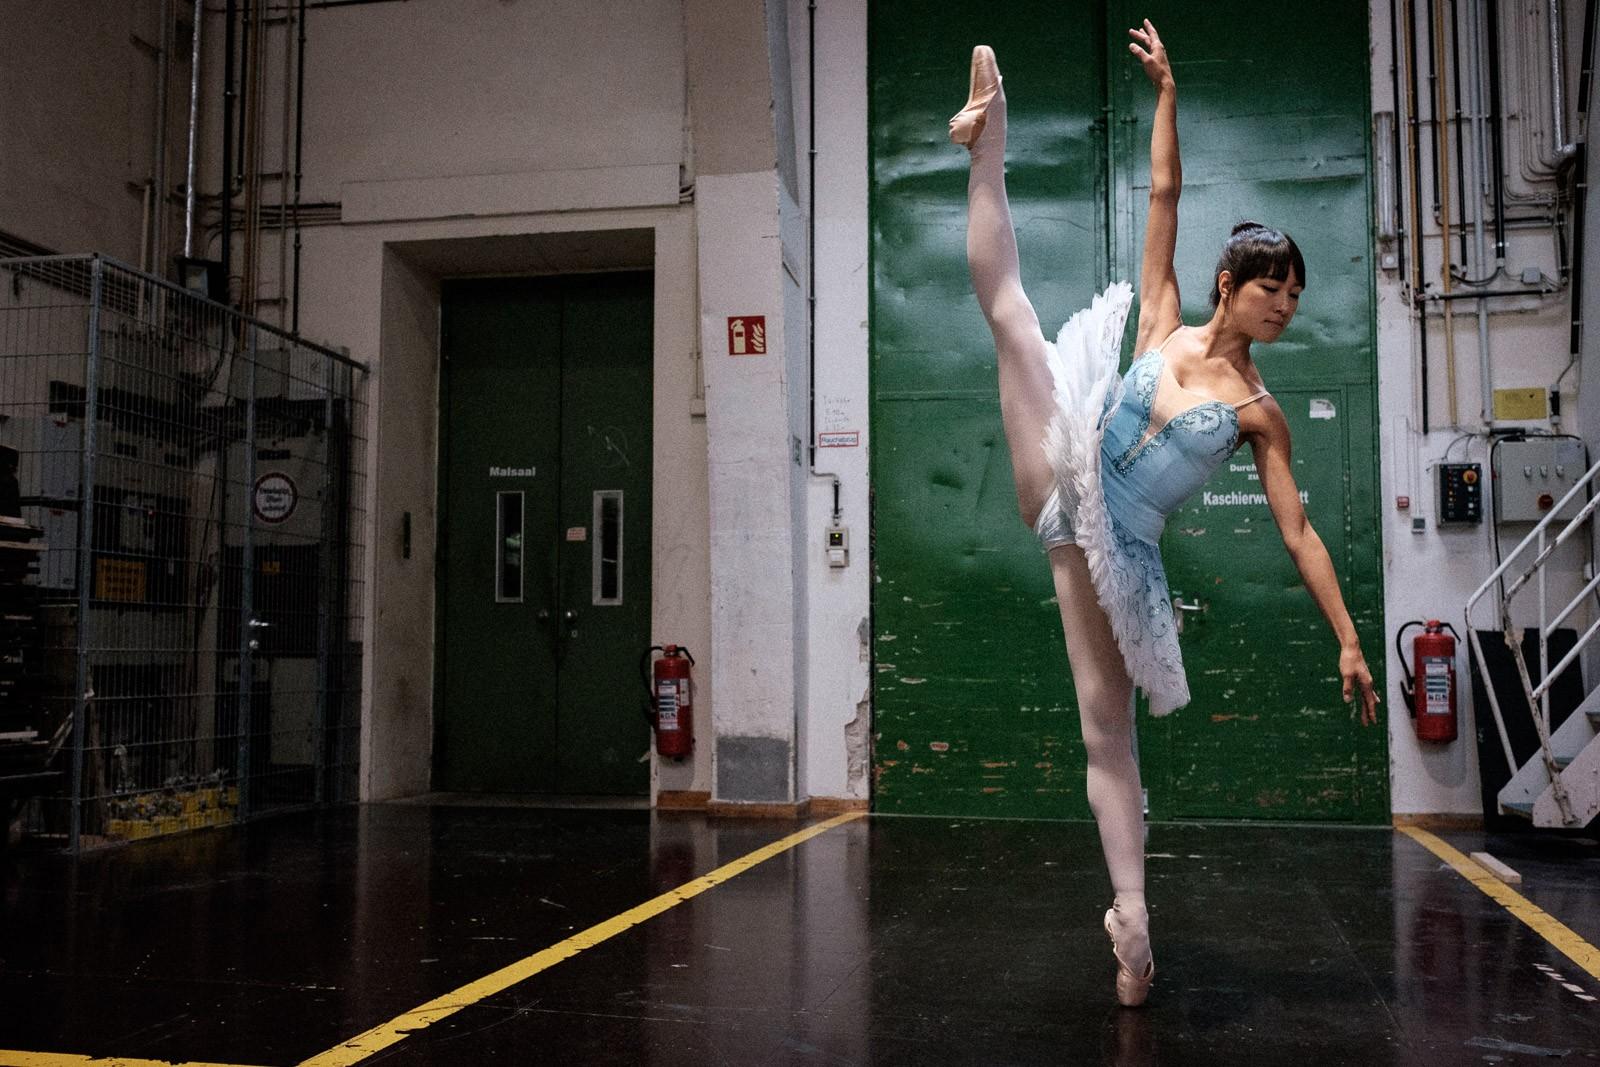 dramatic dance pose ballet dancer staatsballett